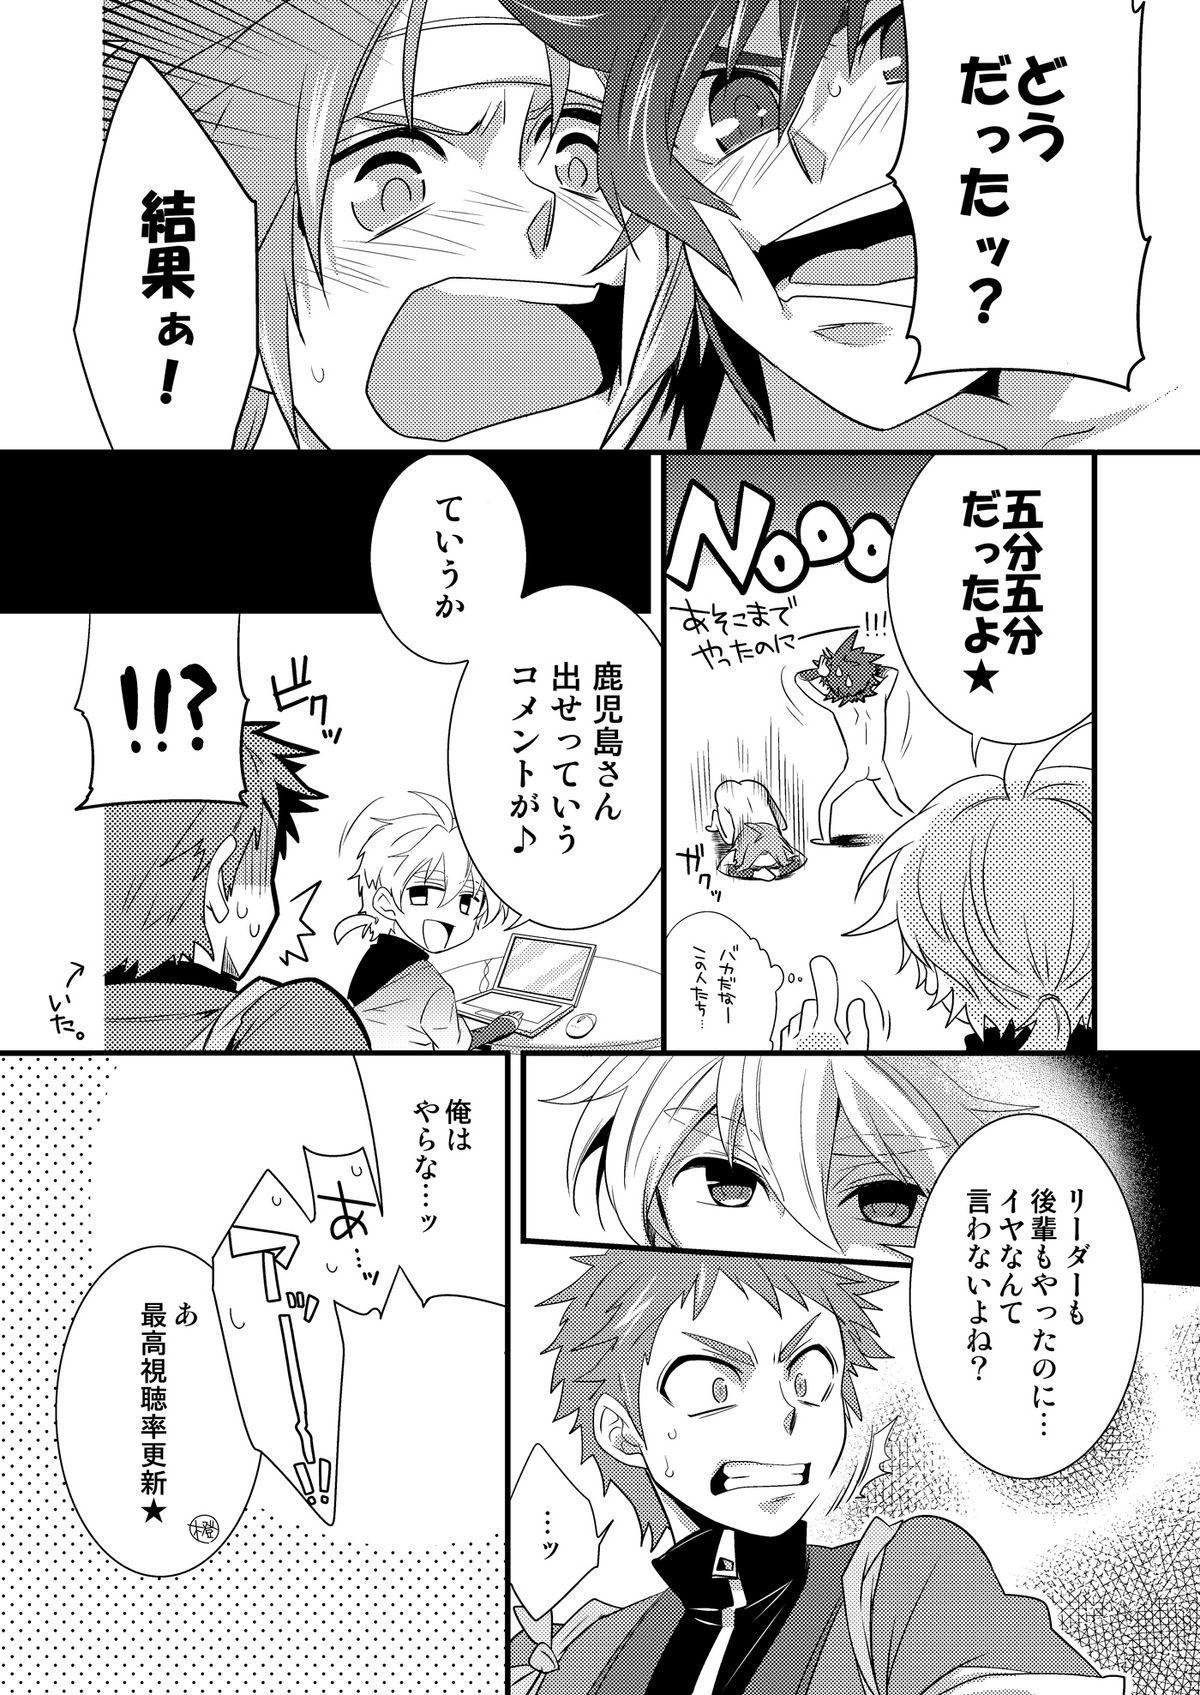 Omotenashi! 10